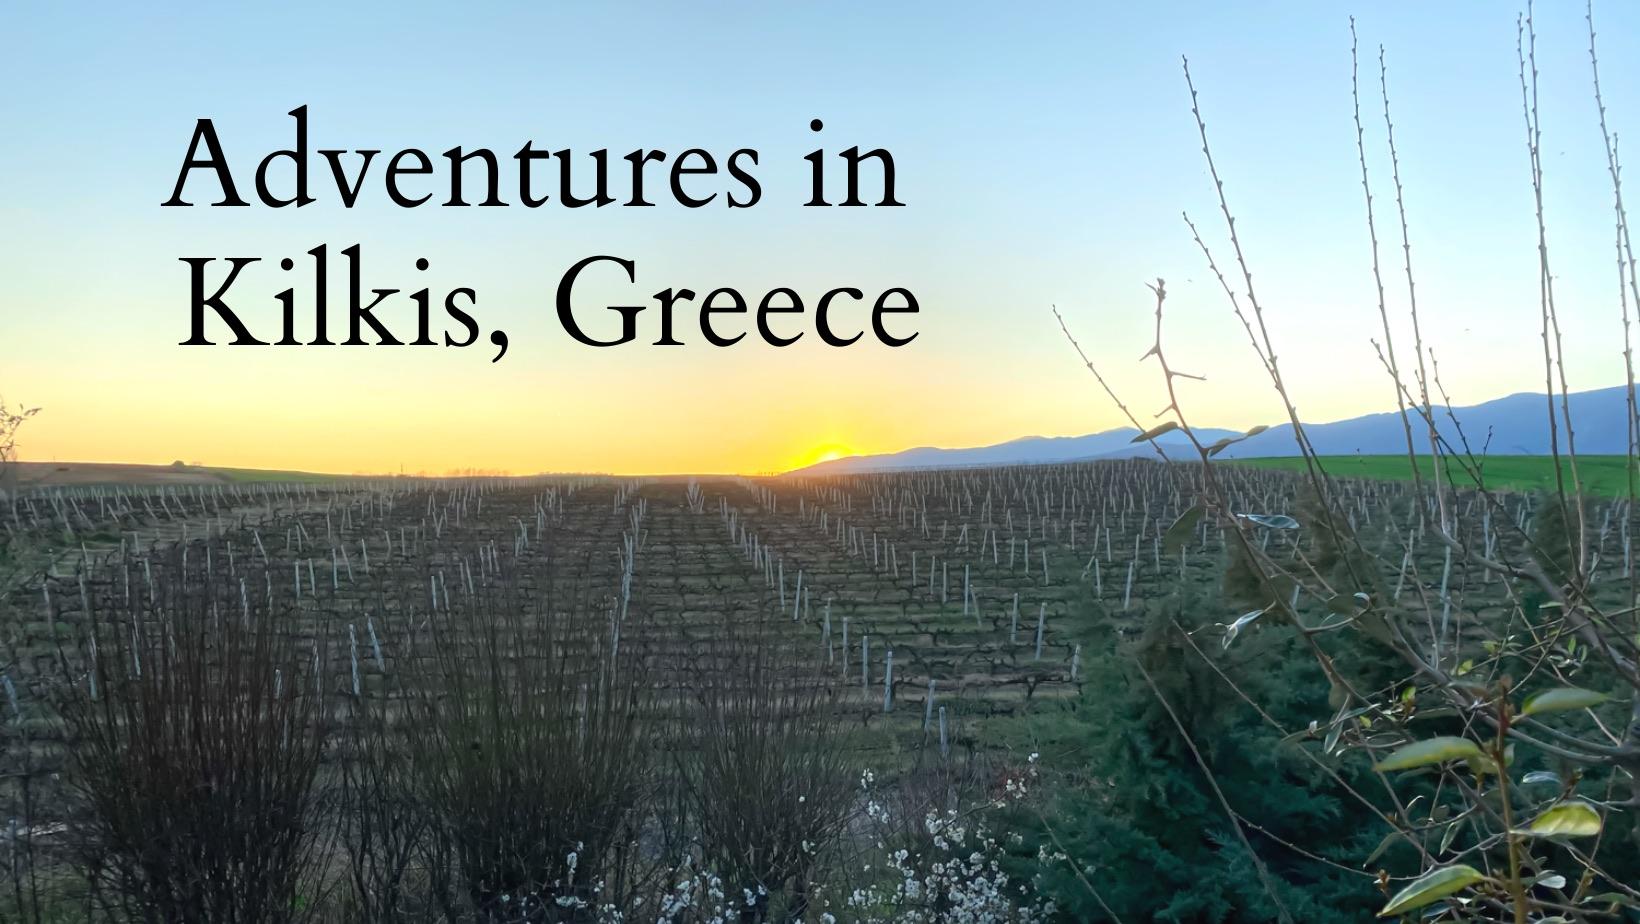 Adventures in Kilkis, Greece! Savory Travel Adventures Steven Shomler